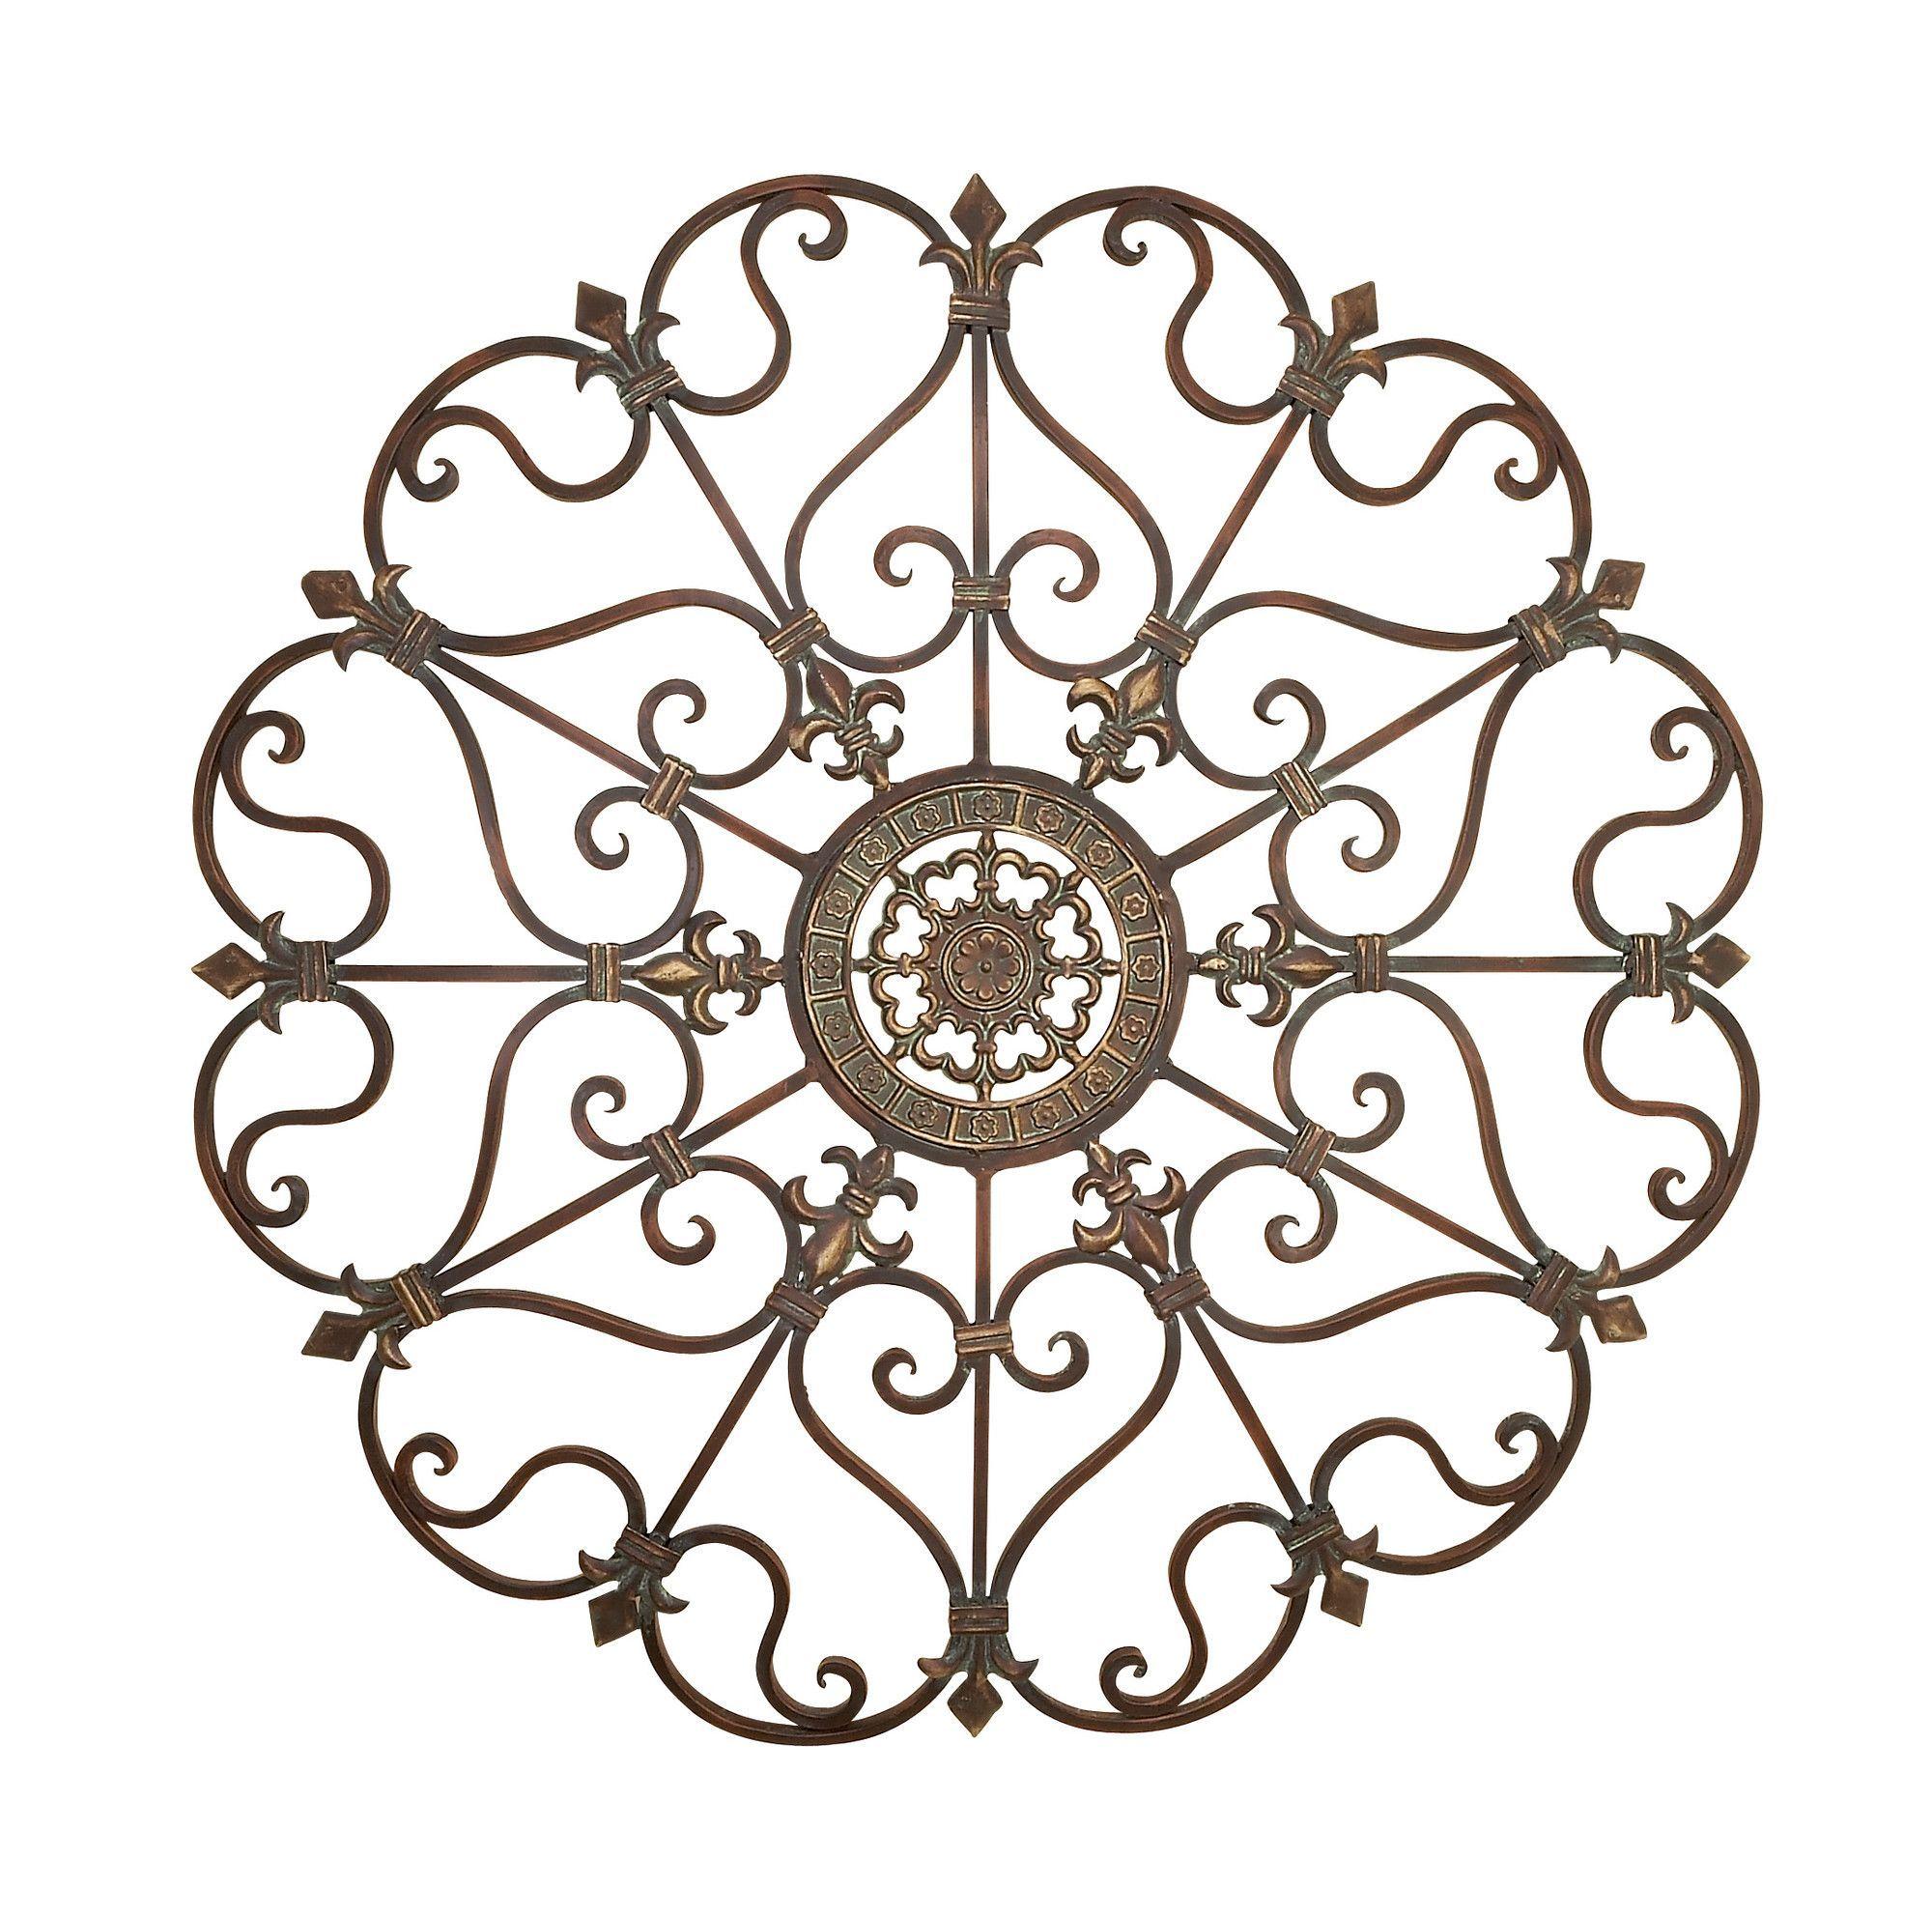 Metal Fleur De Lis Scrolling Wall Décor | Products | Pinterest ...